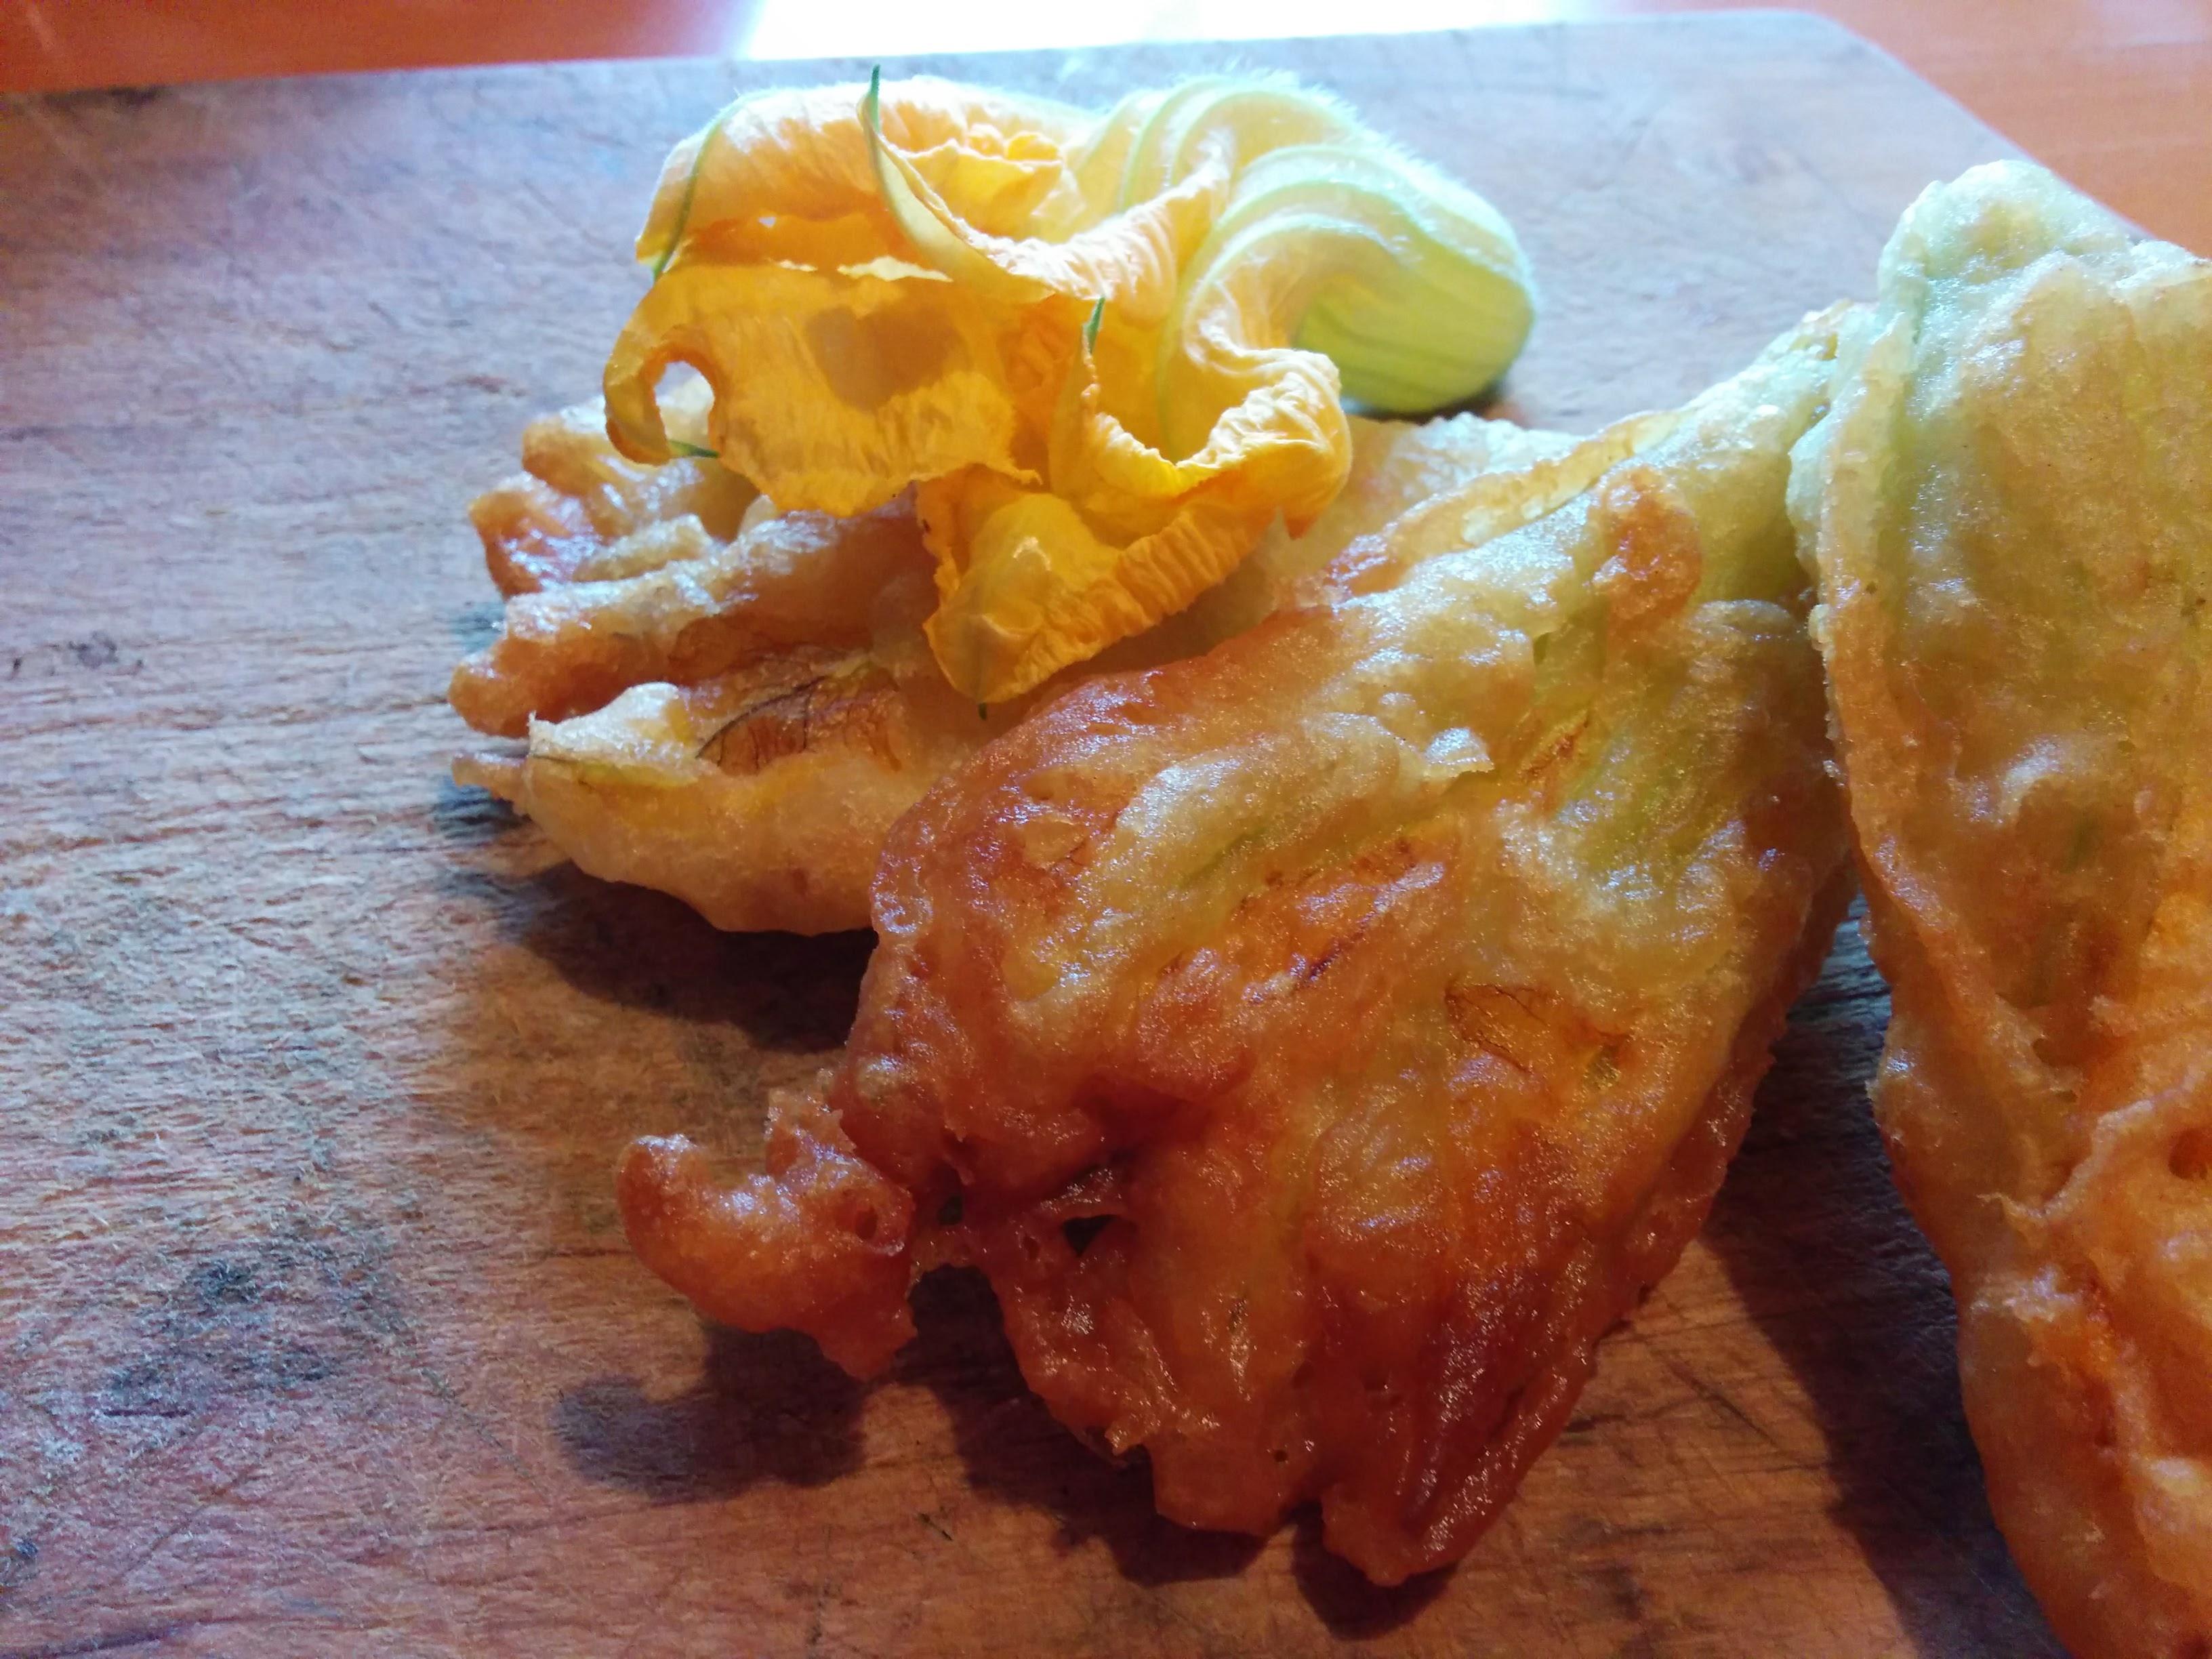 Fiori di zucca in pastella dall'orto alla padella